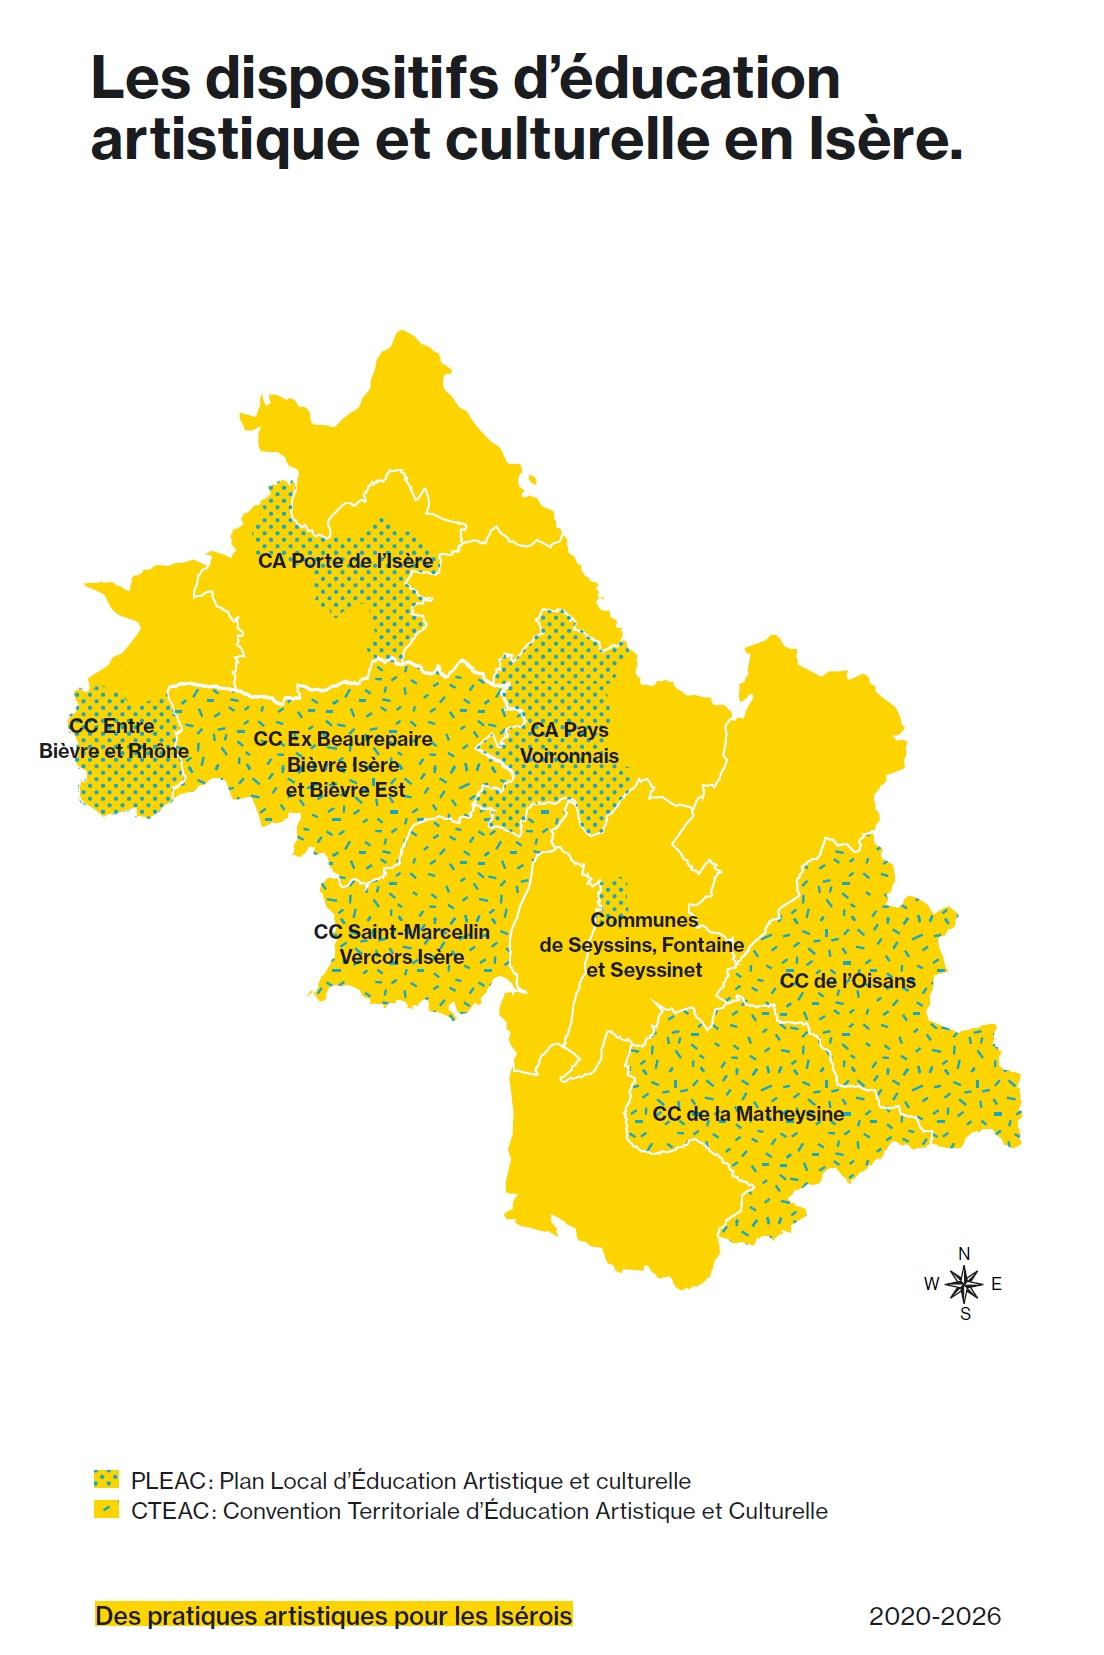 Carte des conventions partenariales d'éducation artistique et culturelle en Isère